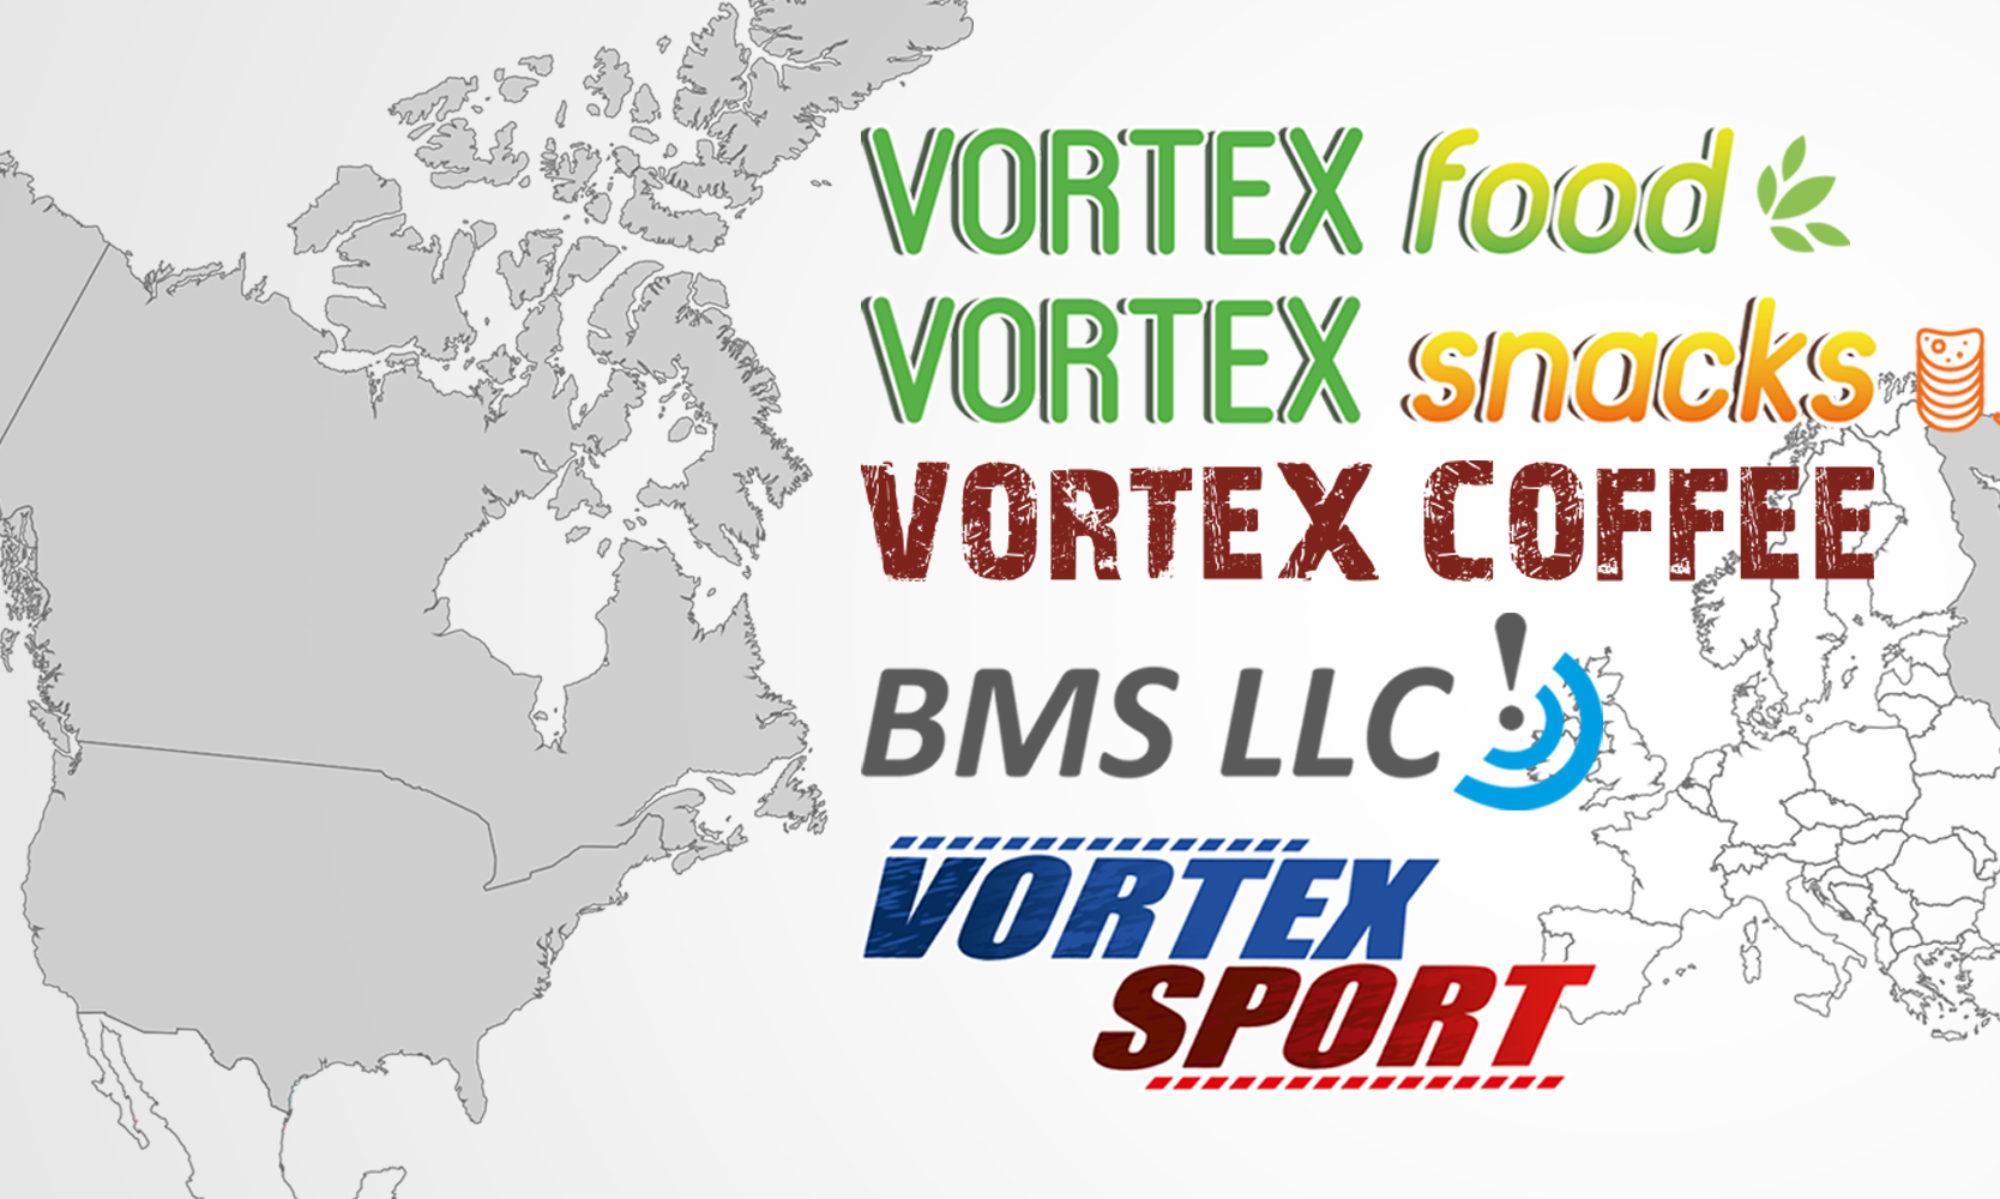 Team Vortex